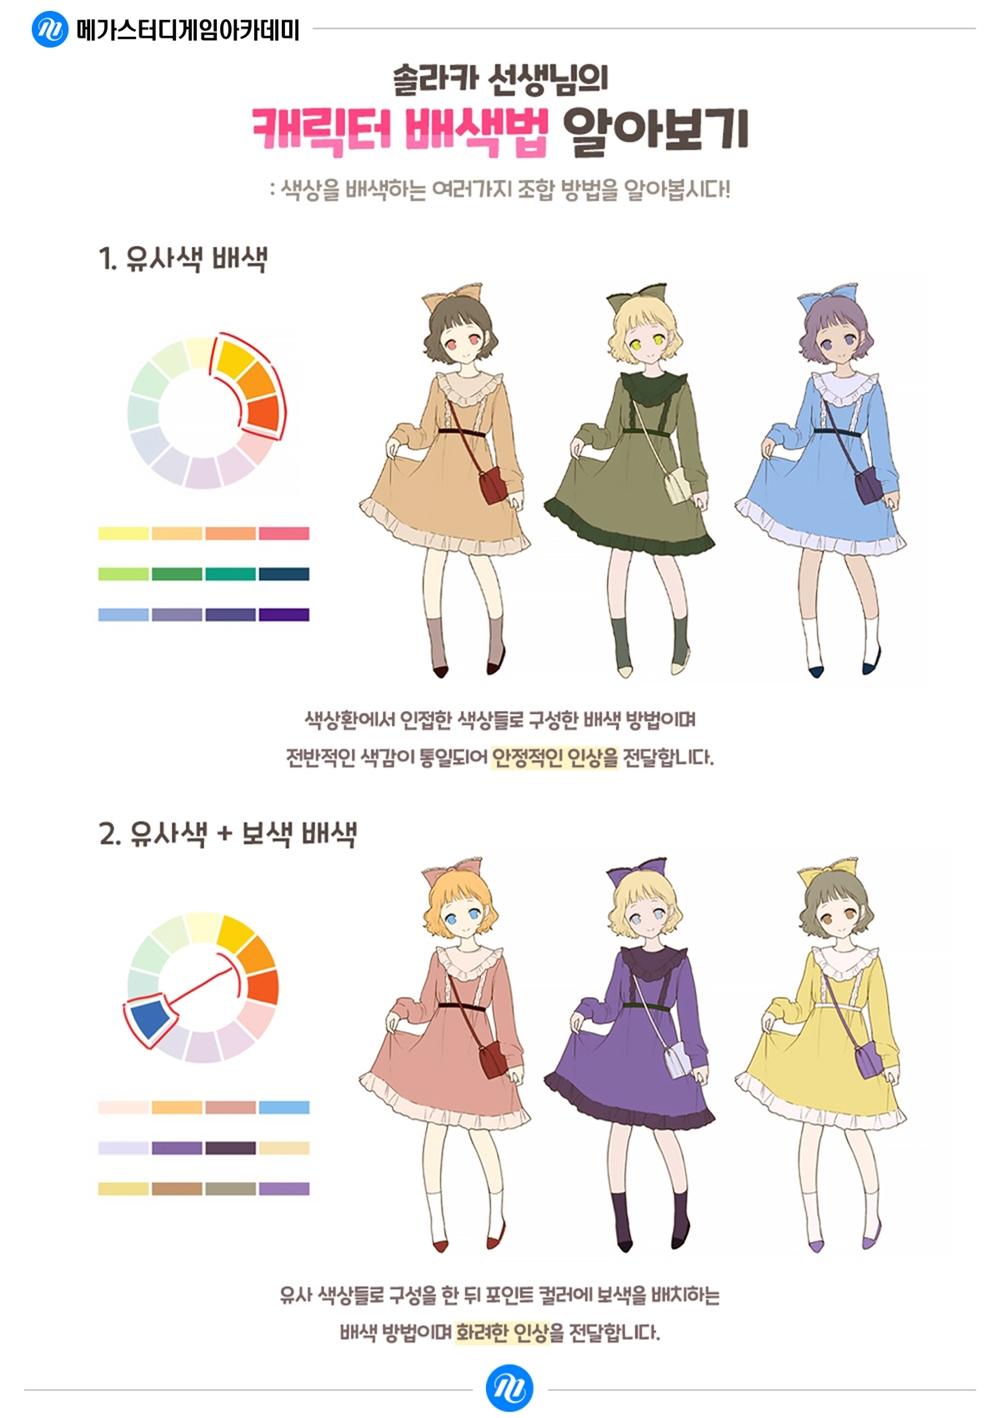 솔라카 선생님의 캐릭터 배색법 알아보기